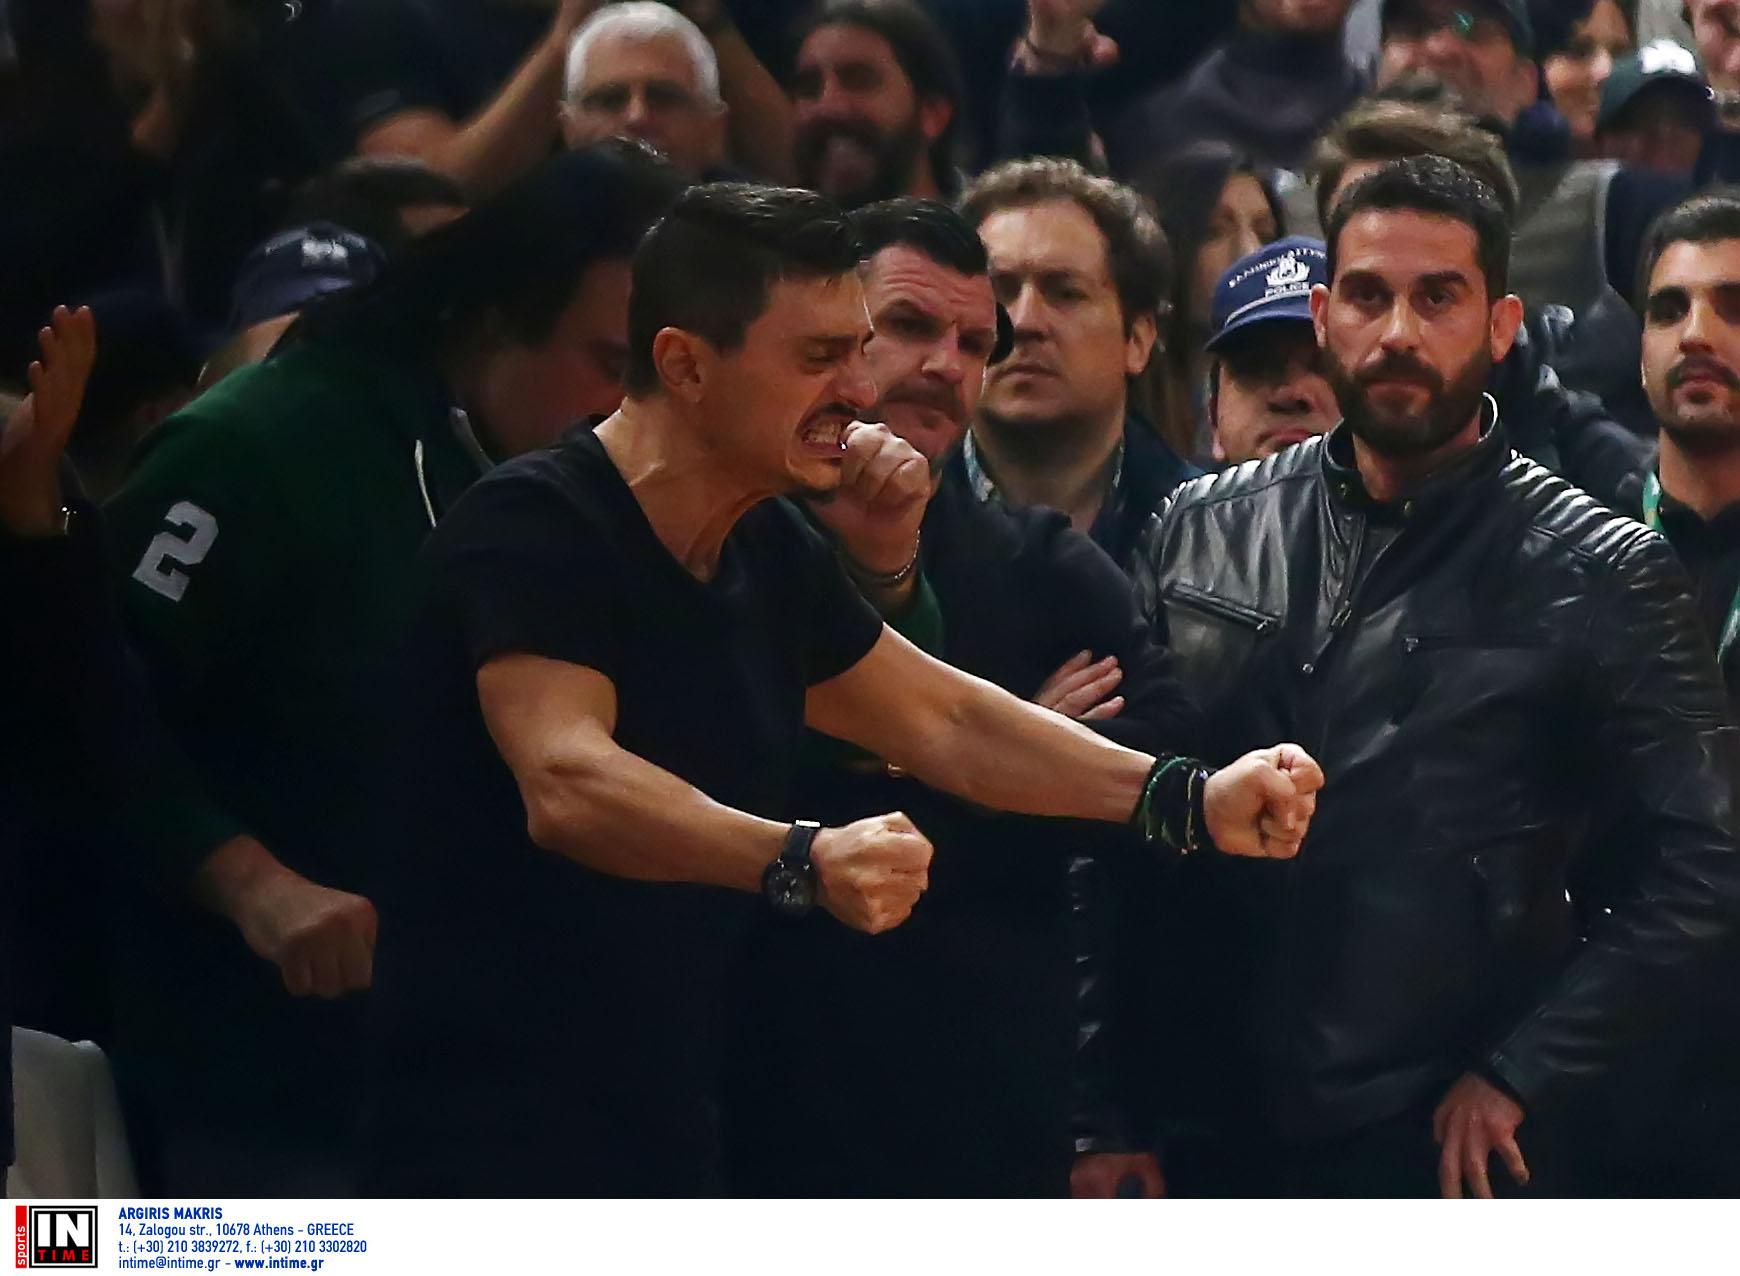 """Παναθηναϊκός: """"Τρελάθηκε"""" ο Γιαννακόπουλος! Πανηγύρισε έξαλλα με Ράις (pics)"""